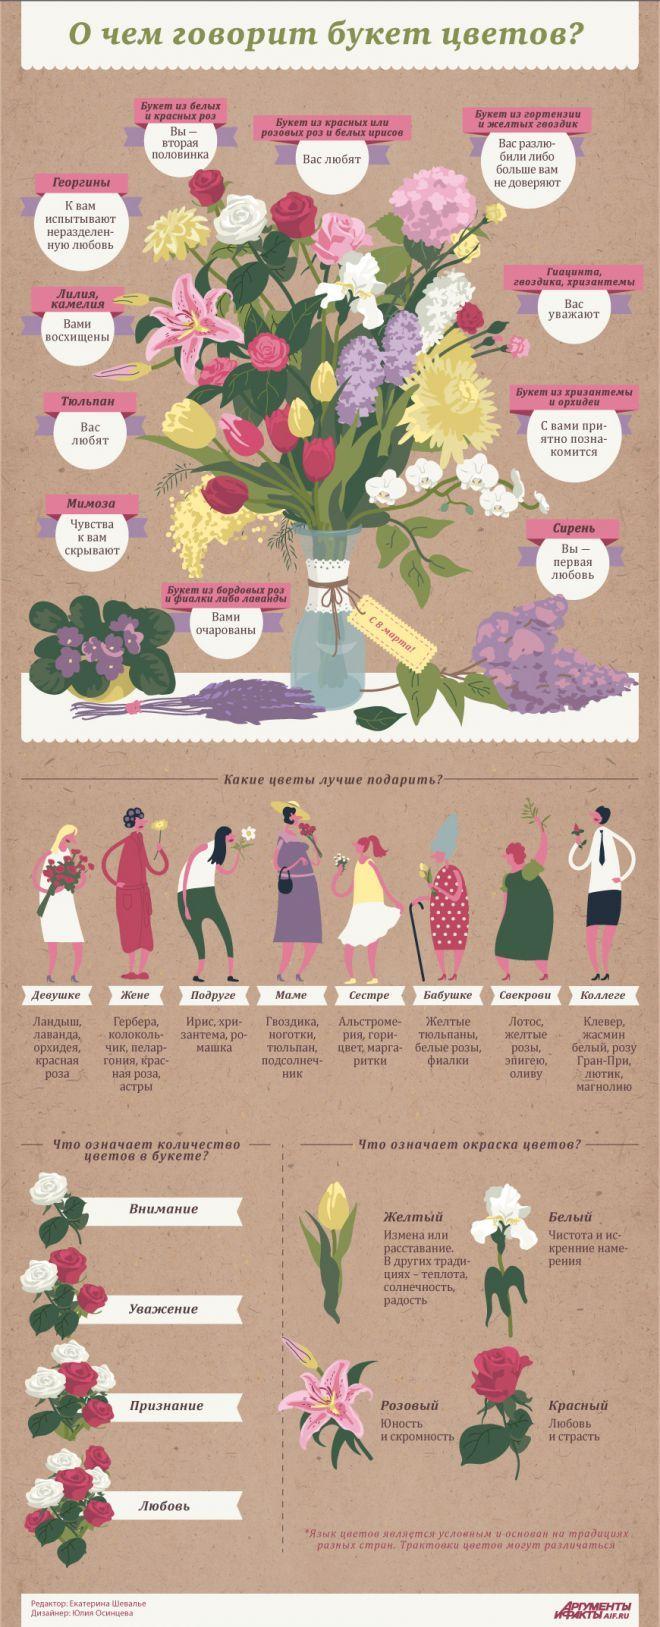 О чем «говорят» цветы и как правильно выбрать букет? Инфографика   Инфографика   Аргументы и Факты